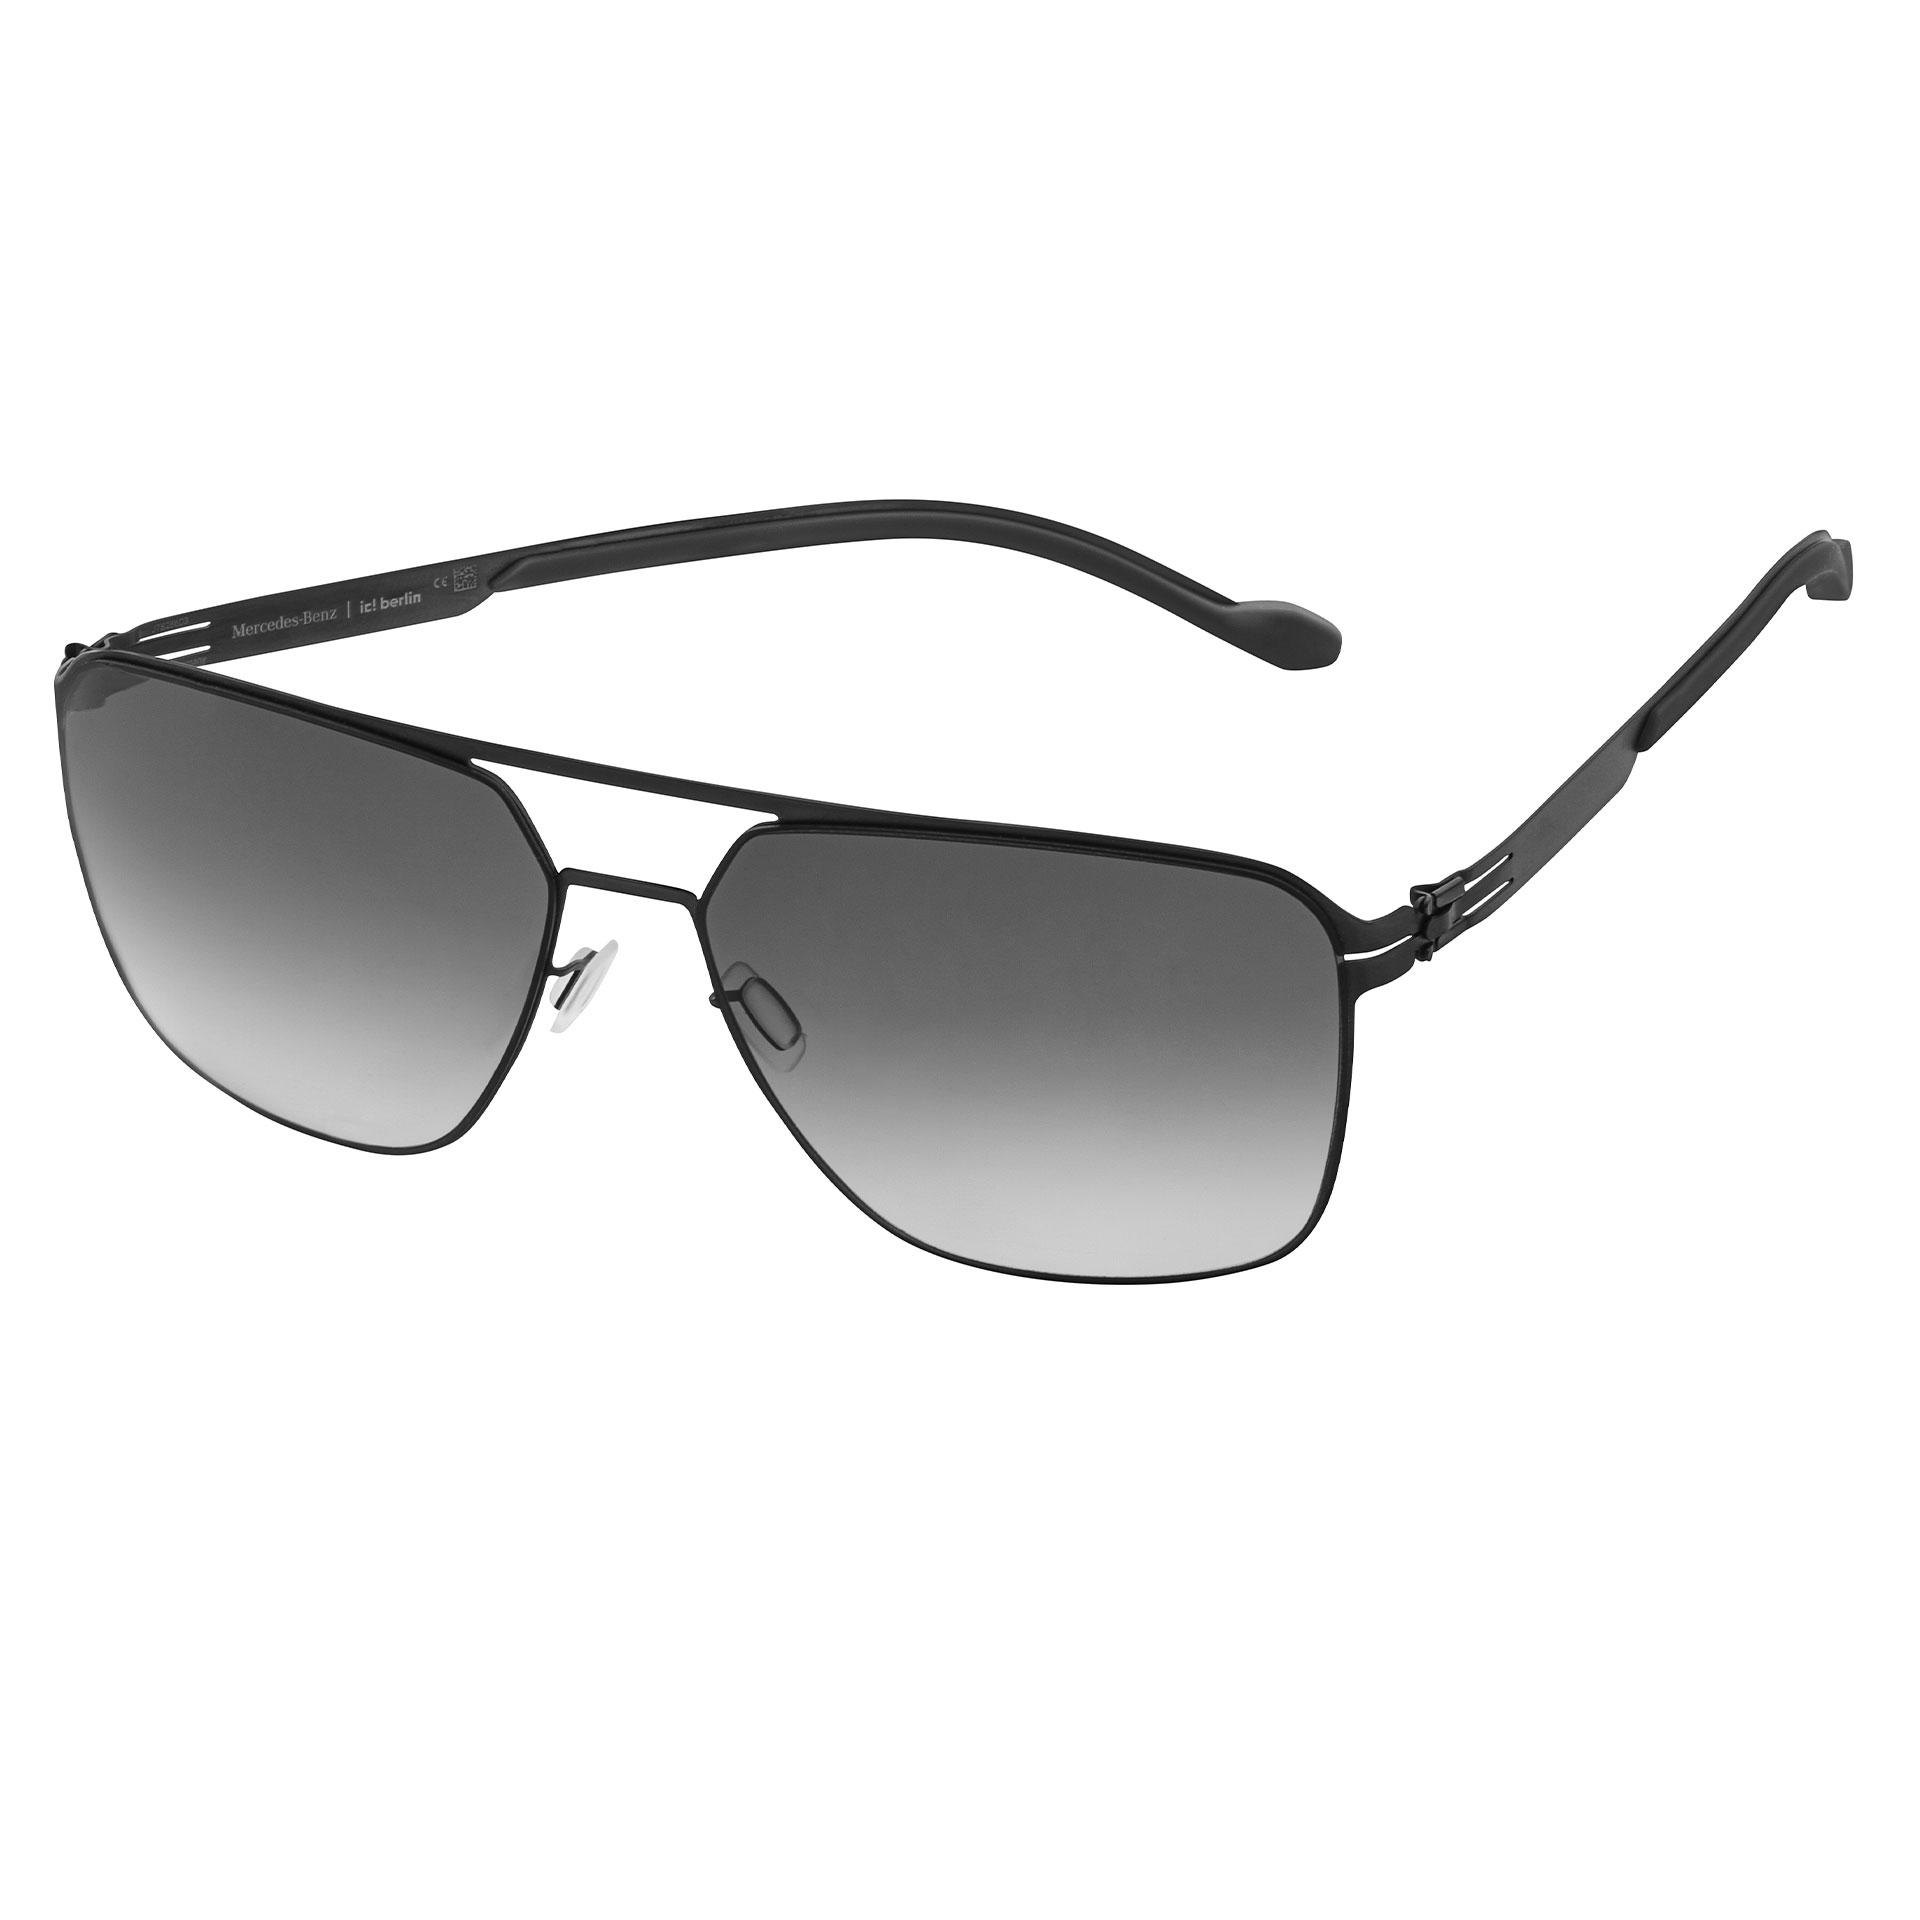 Mercedes-Benz Sonnenbrille Herren Business schwarz by ic! berlin